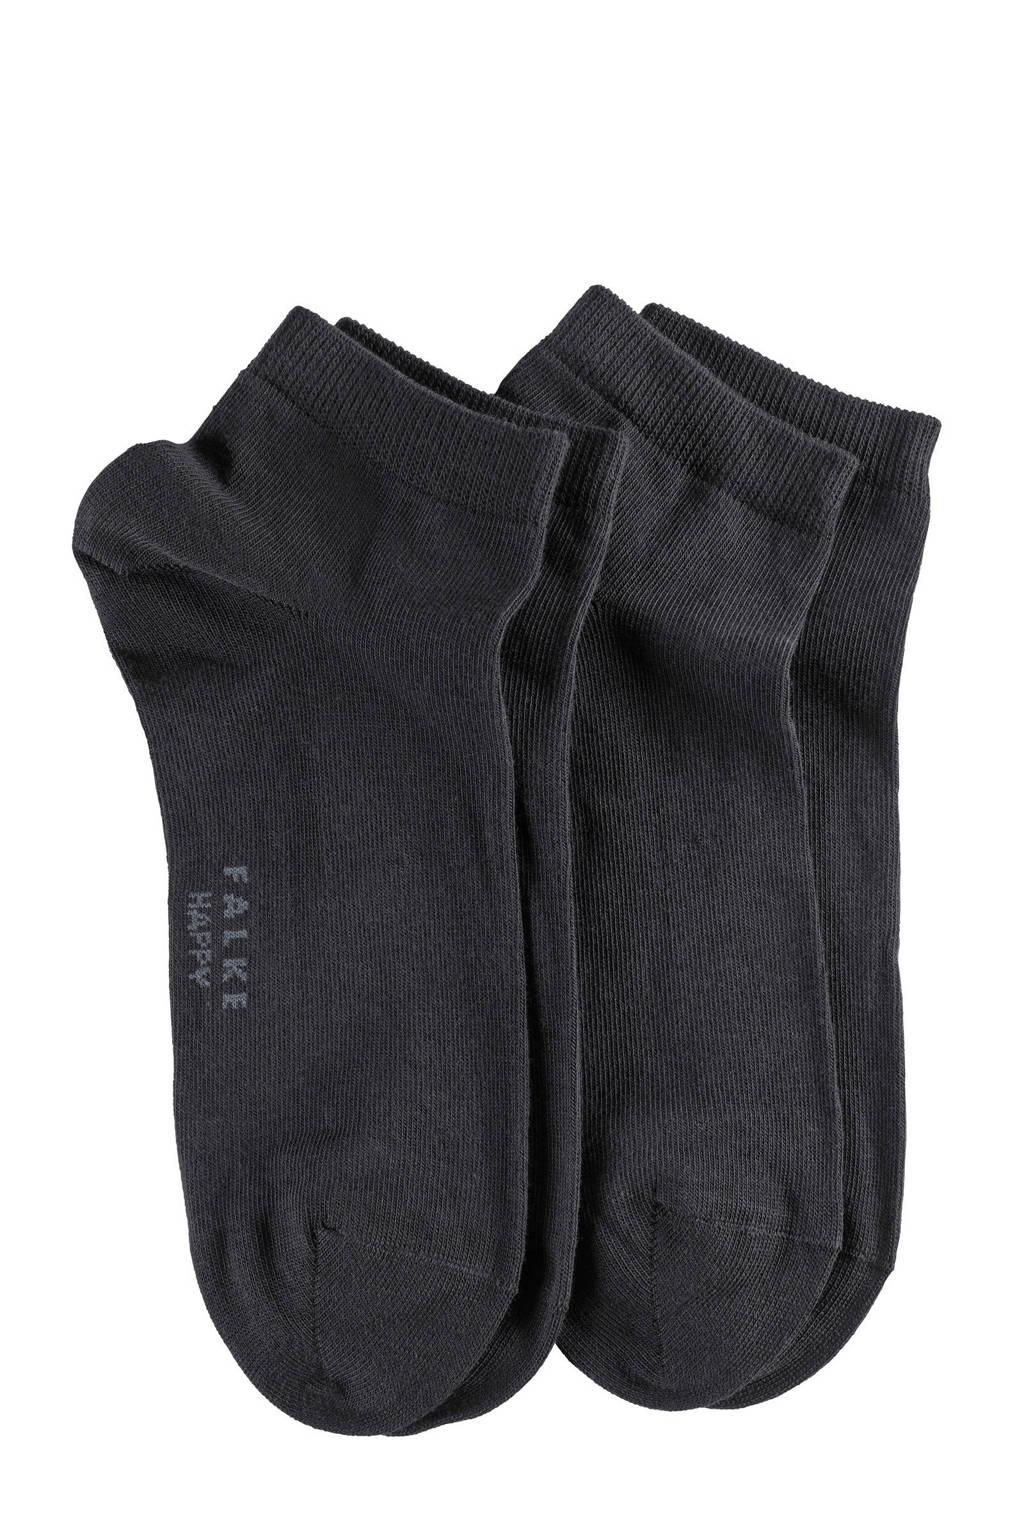 FALKE Happy sokken (2 paar) marine, Marine